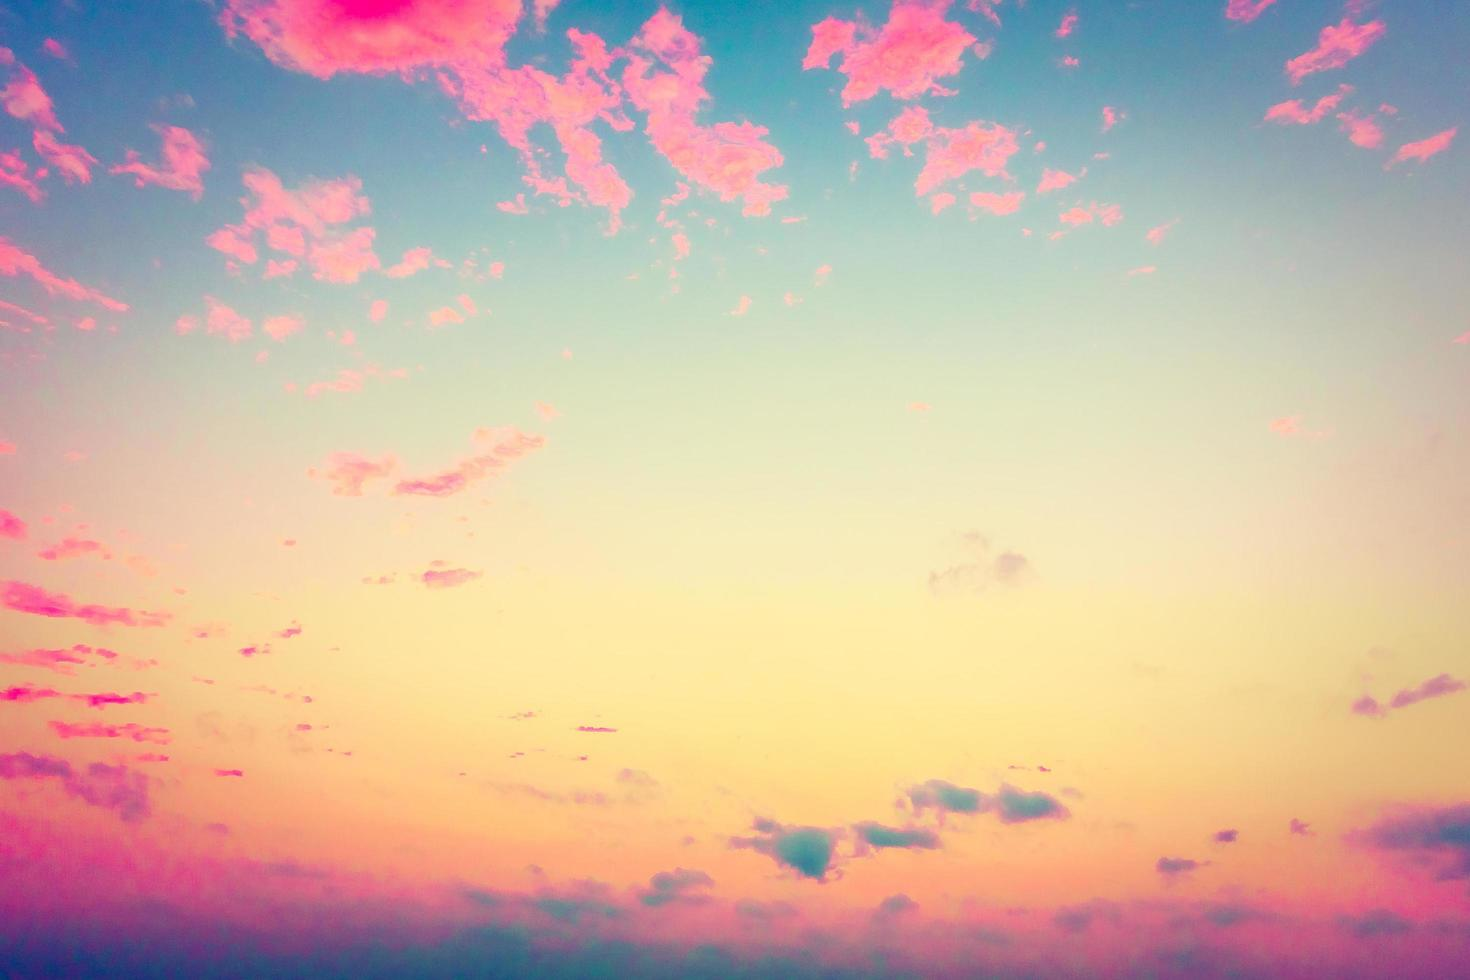 vintage moln på himmel bakgrund foto